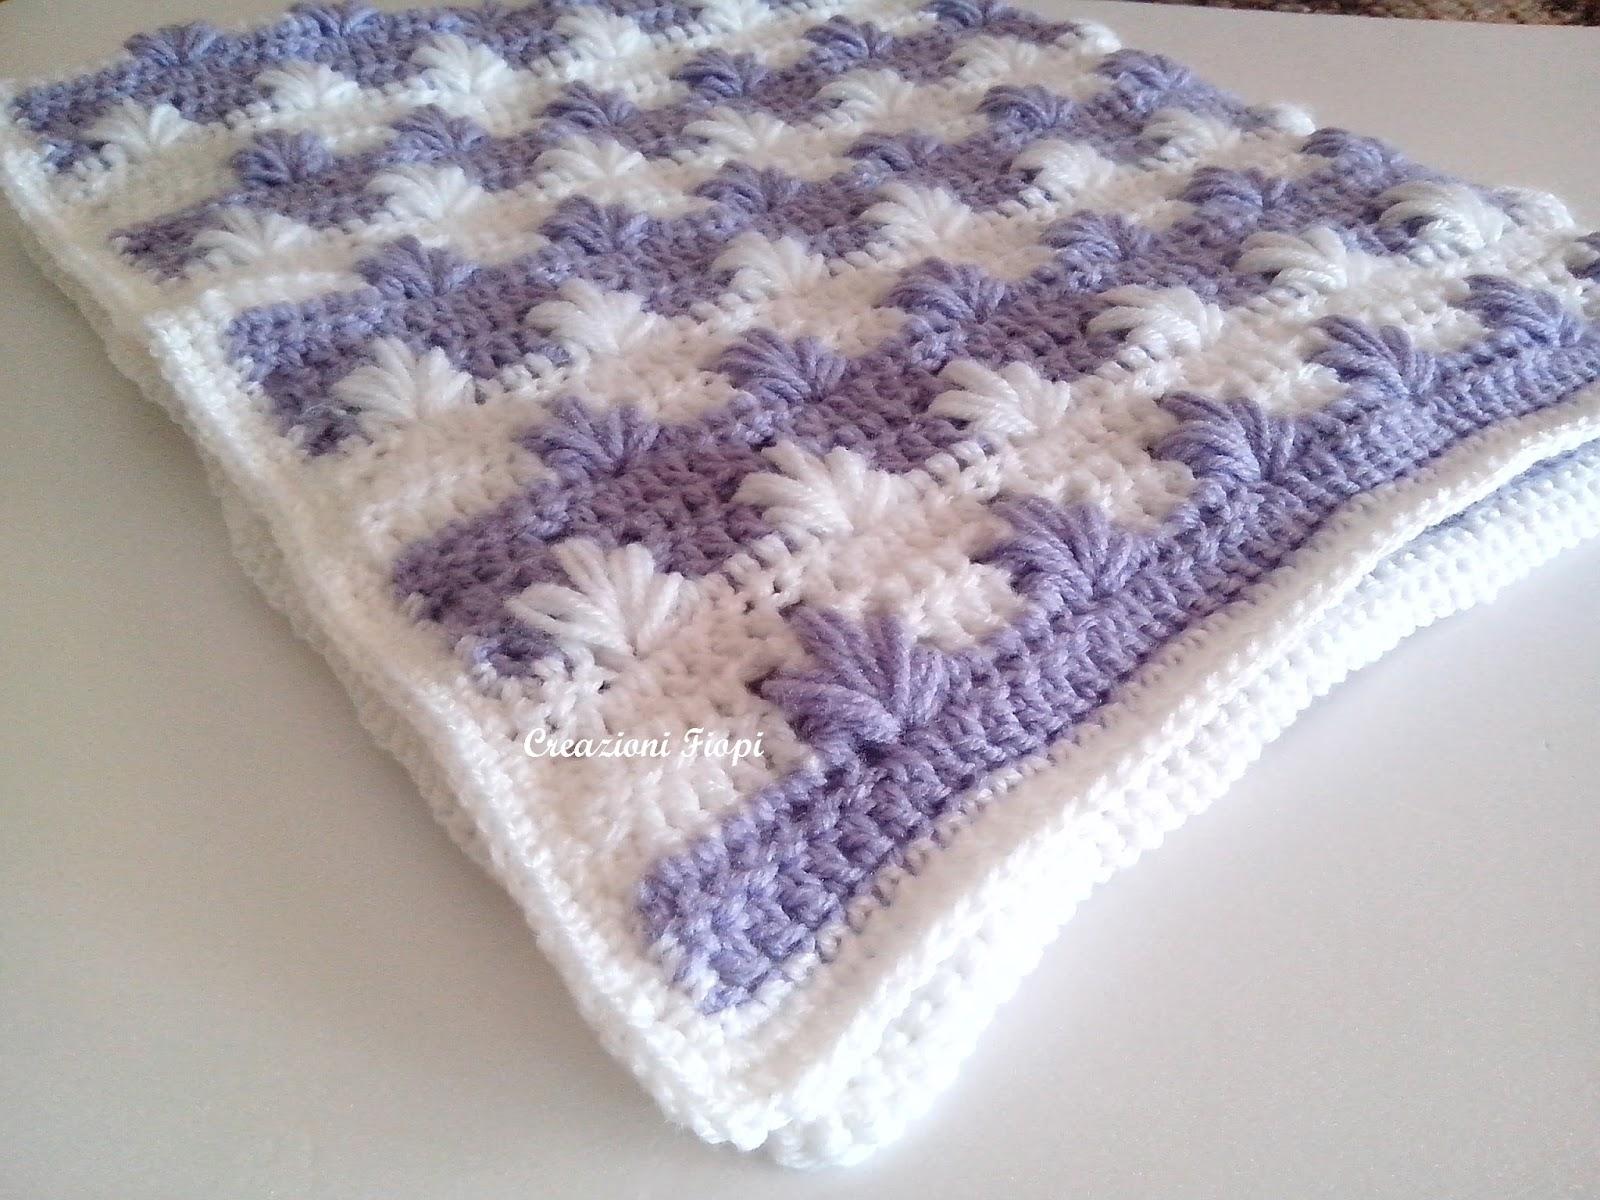 Creazionifiopi Crochet Patterns Ultima Copertina Neonato A